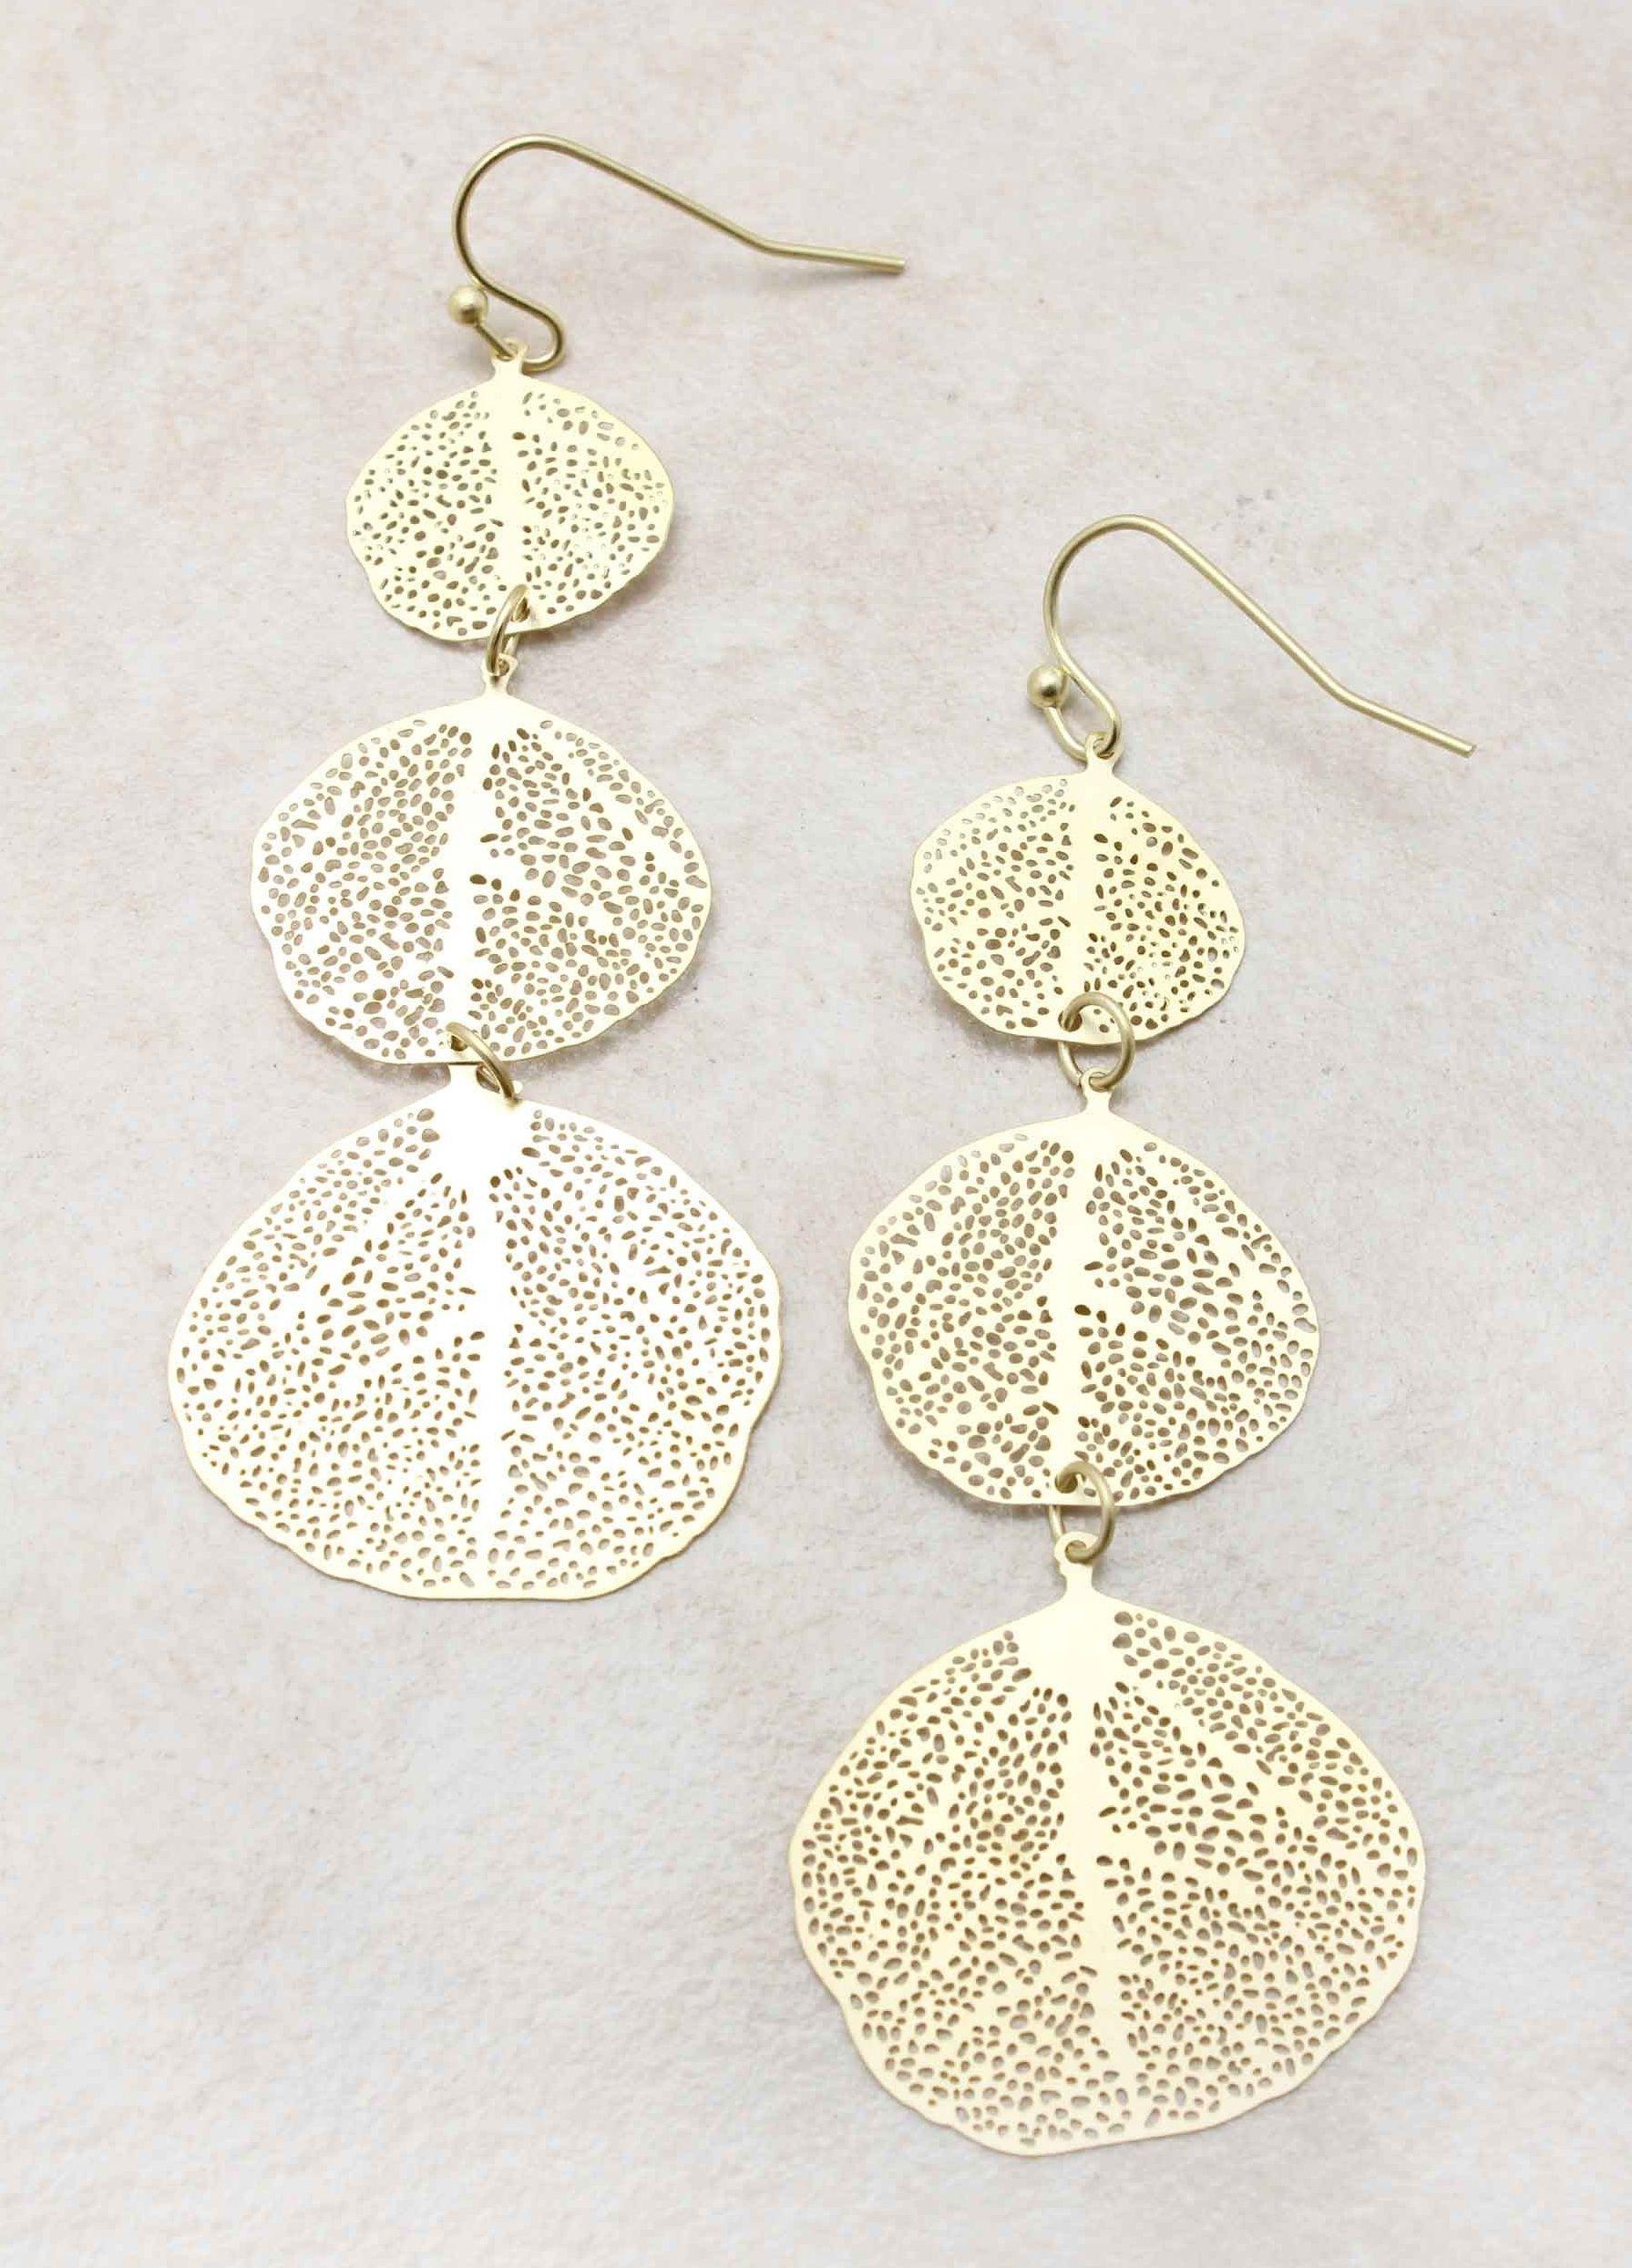 Leaves of Grass Earrings